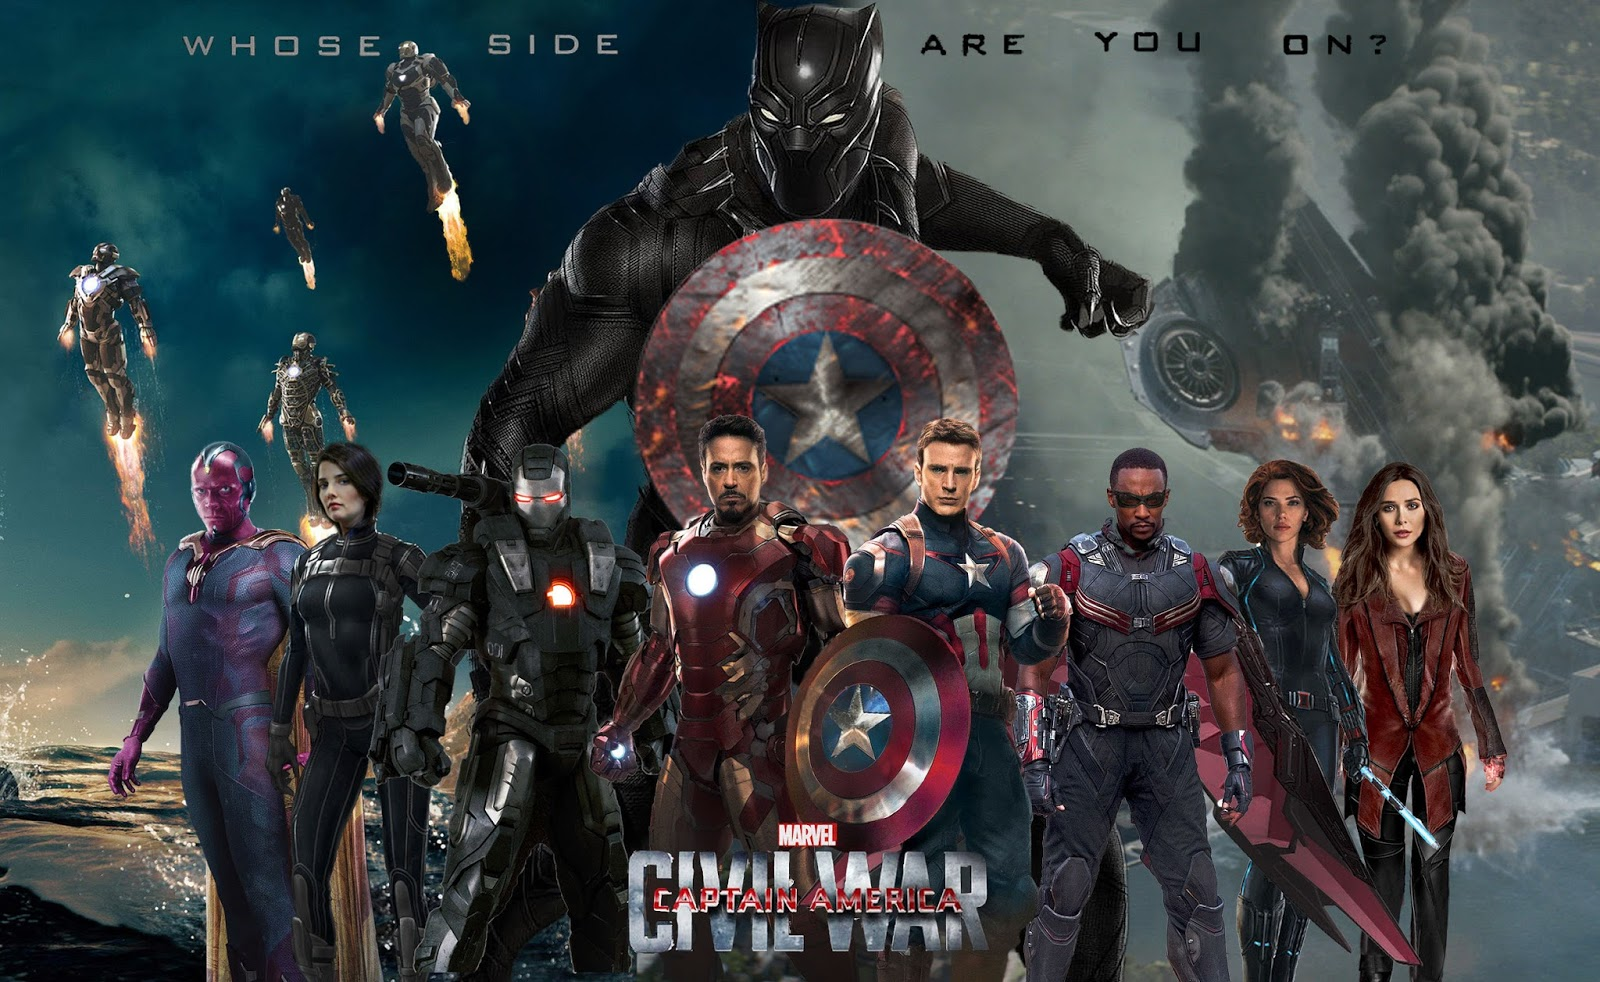 Captain America Civil War 4k: Full Hd Wallpaper: Captain America Civil War Wallpaper